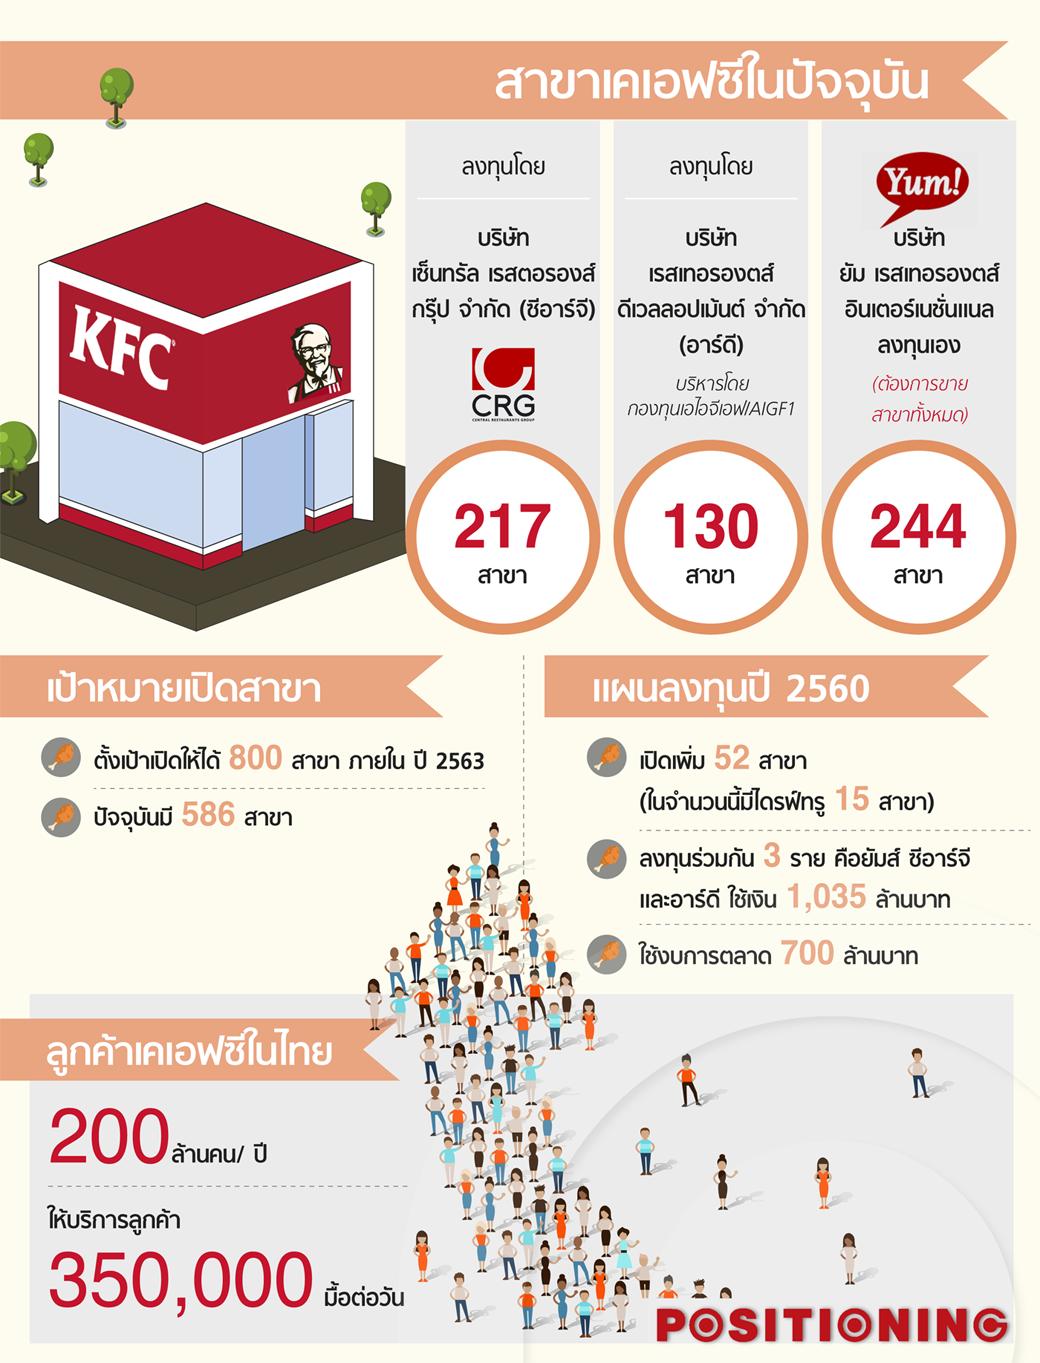 info_kfc